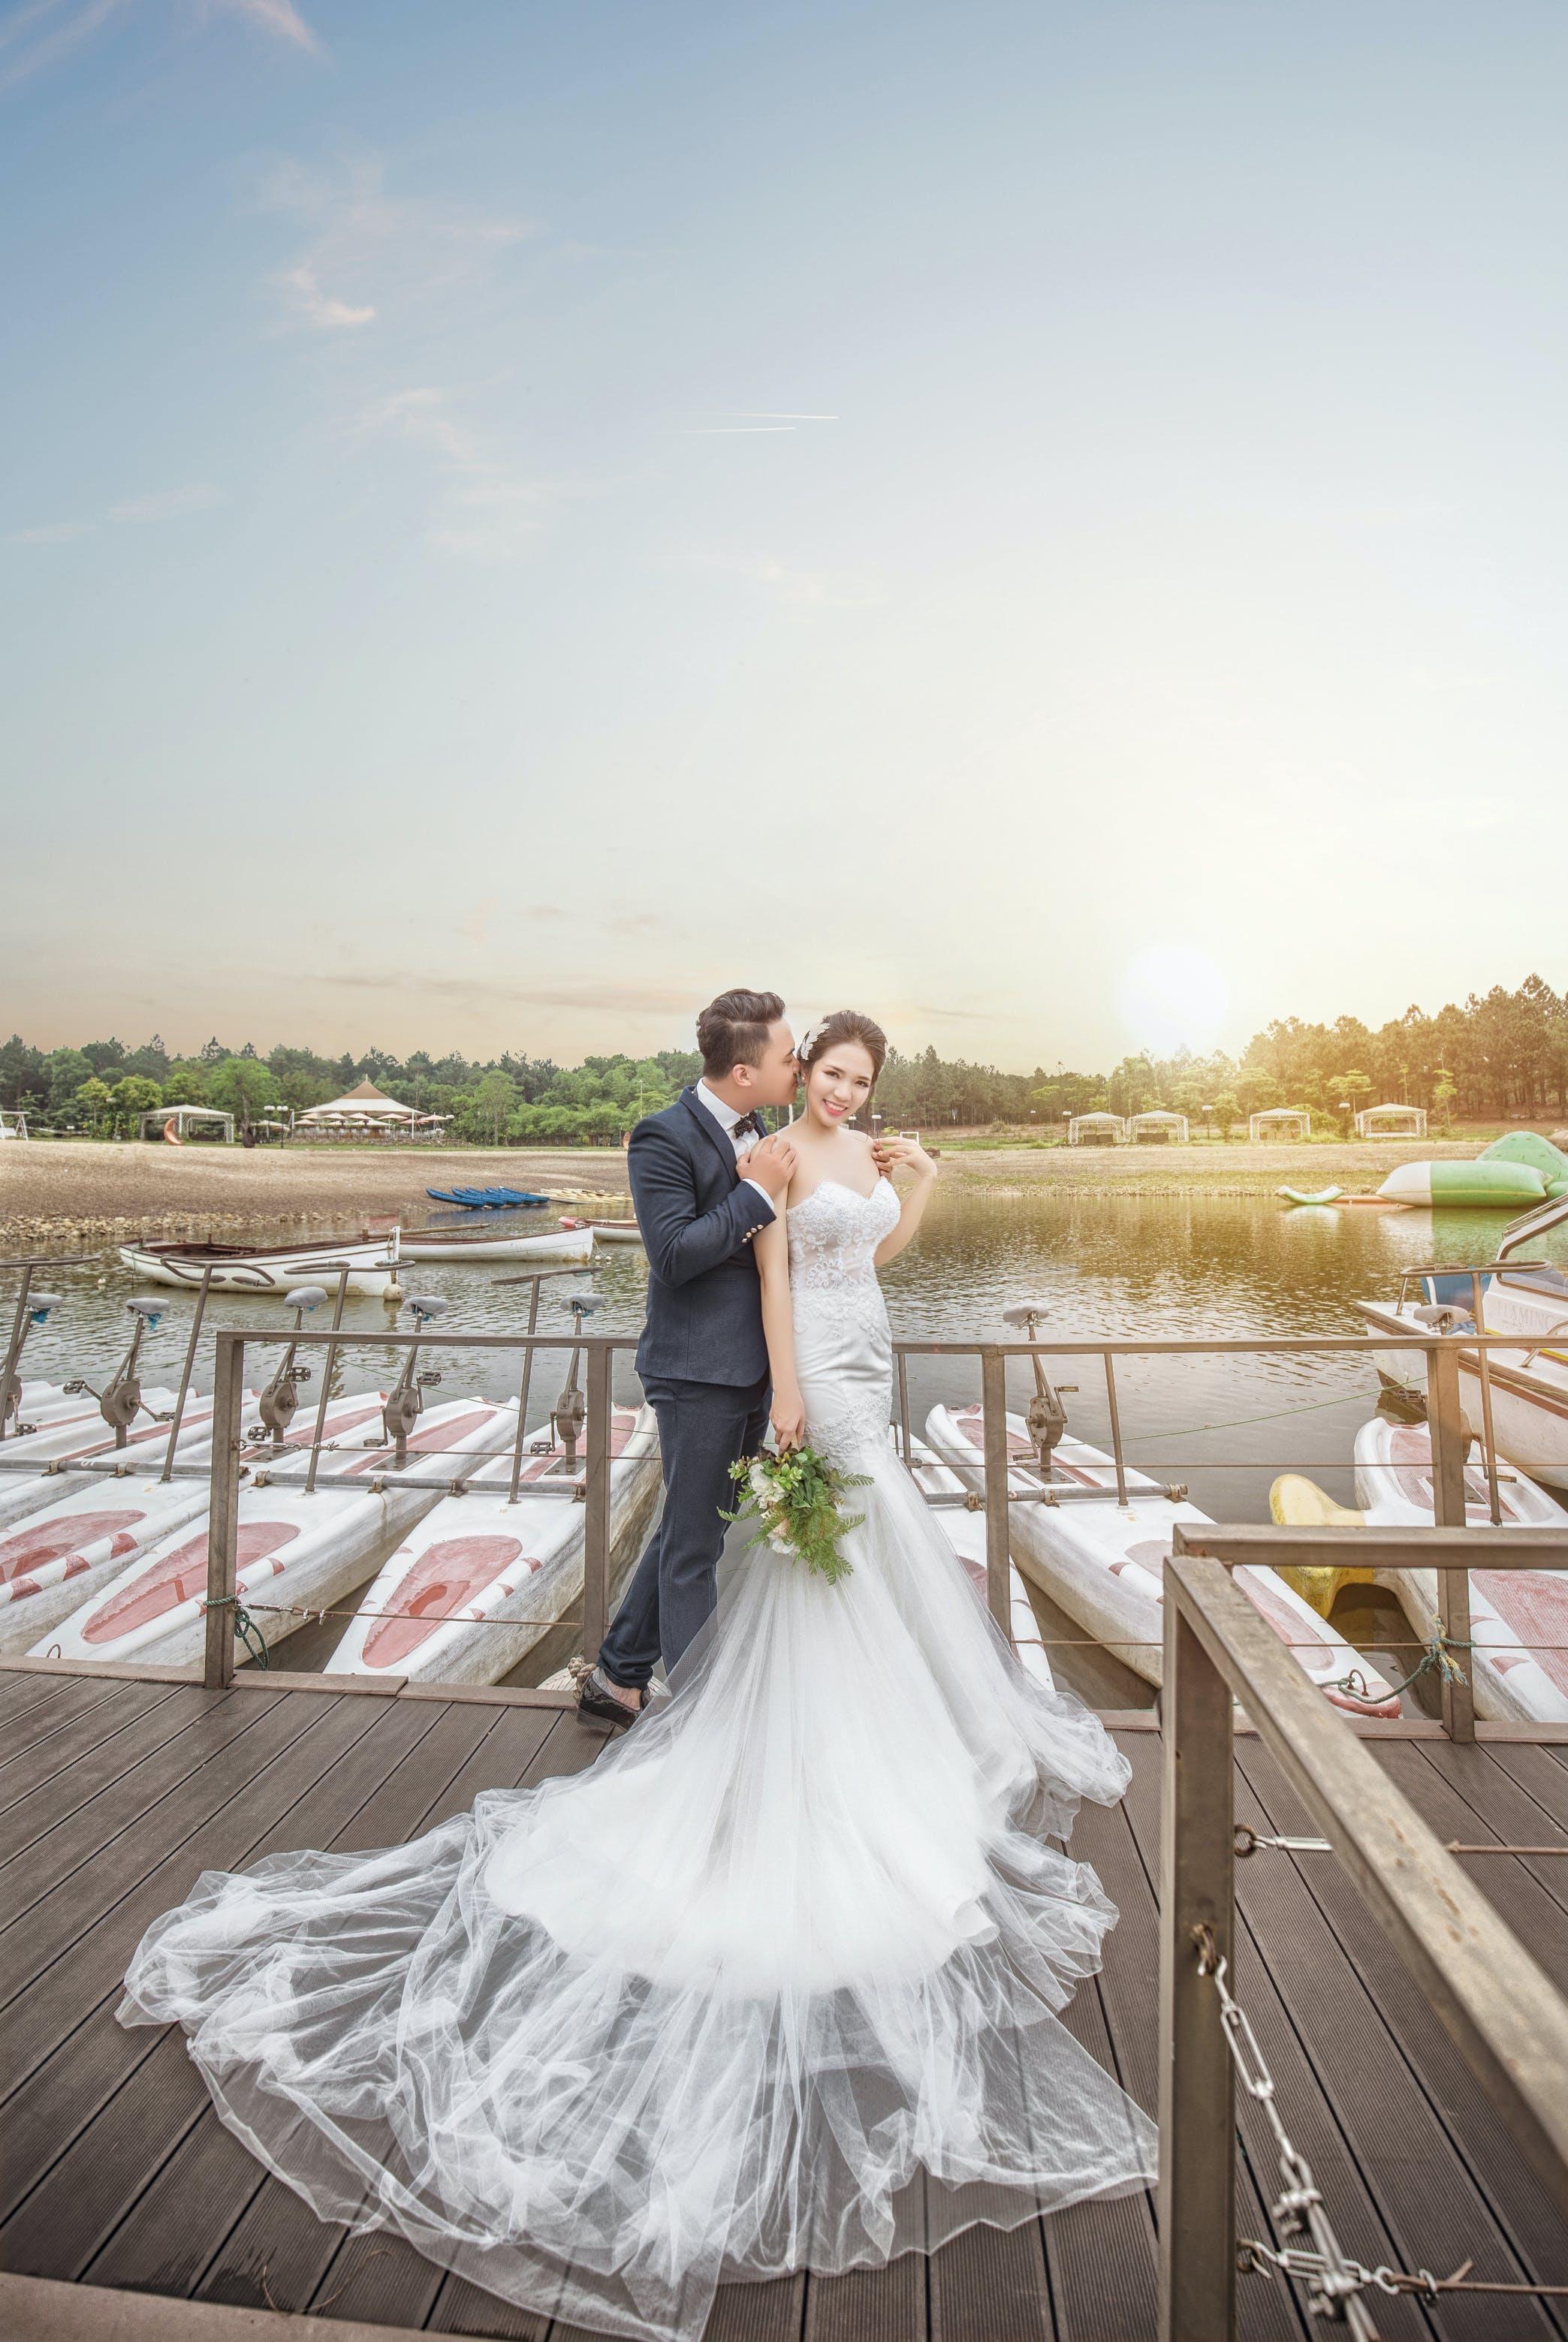 Free stock photo of bride, Bride and Groom, groom, honeymoon